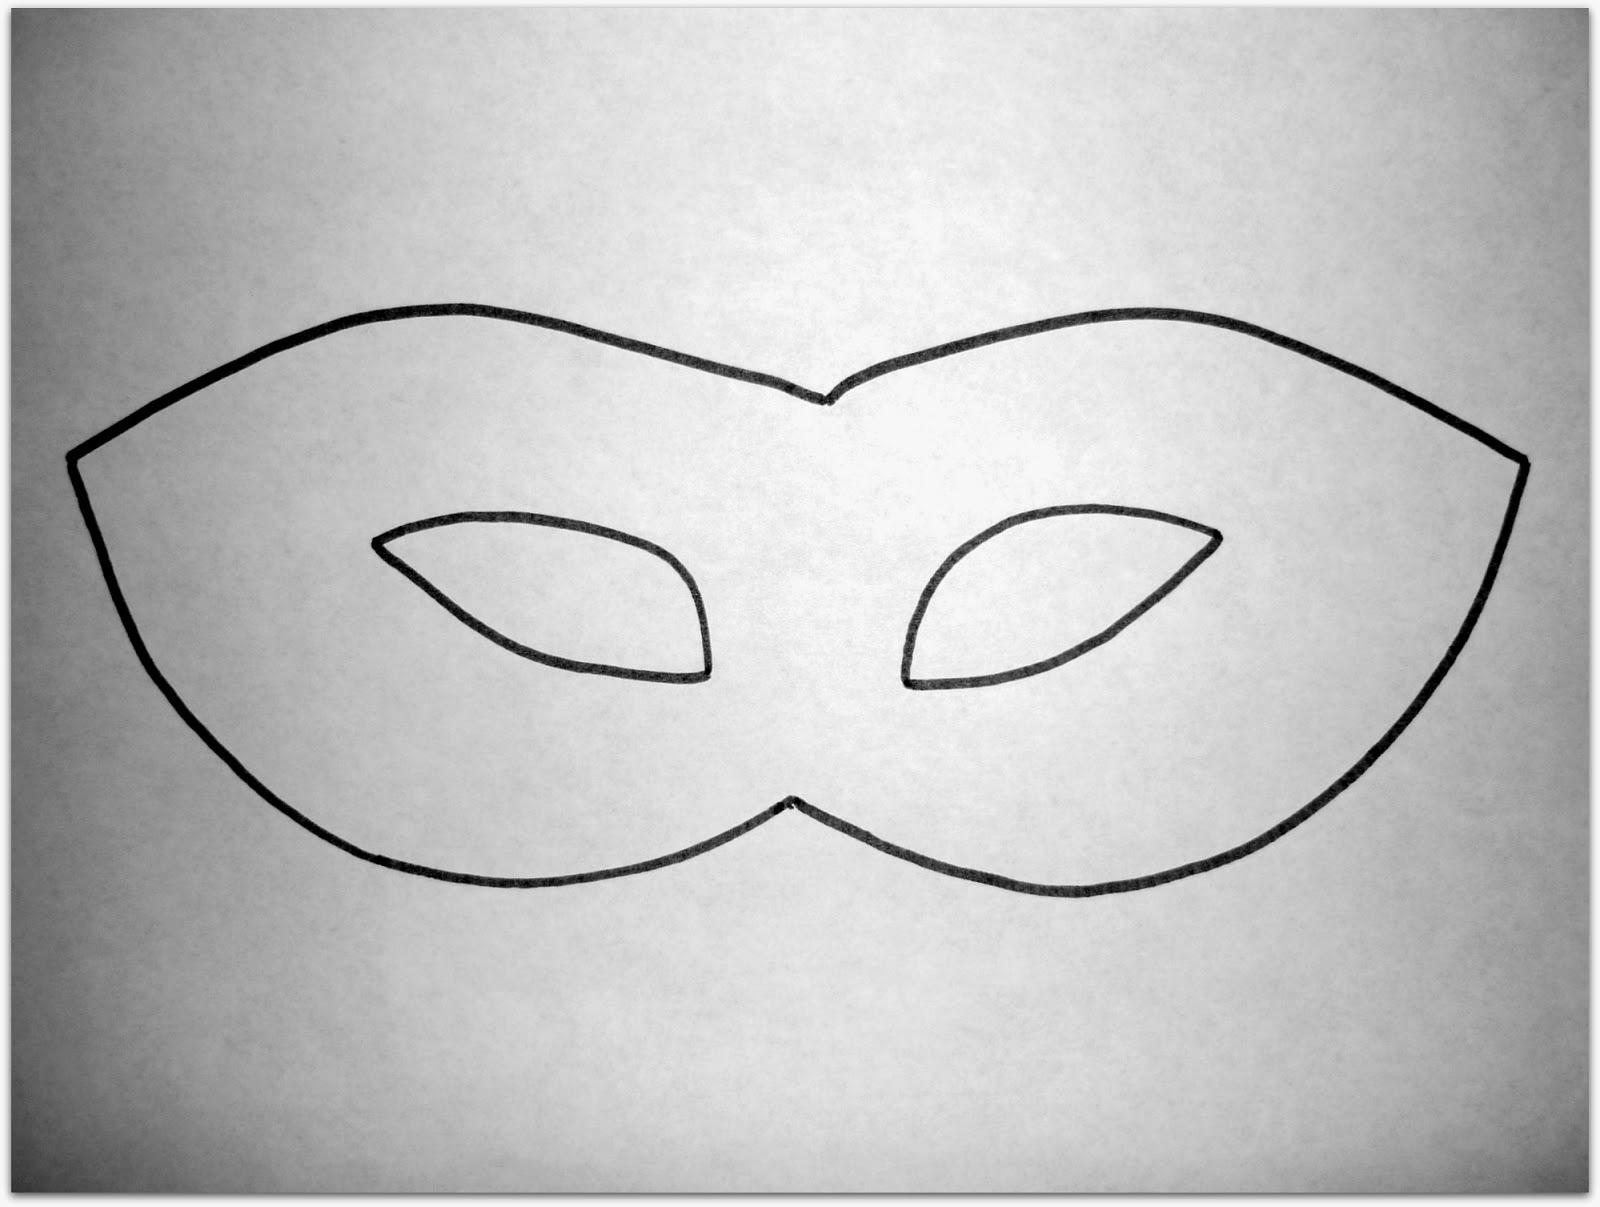 Plantilla para imprimir antifaz de Carnaval 2